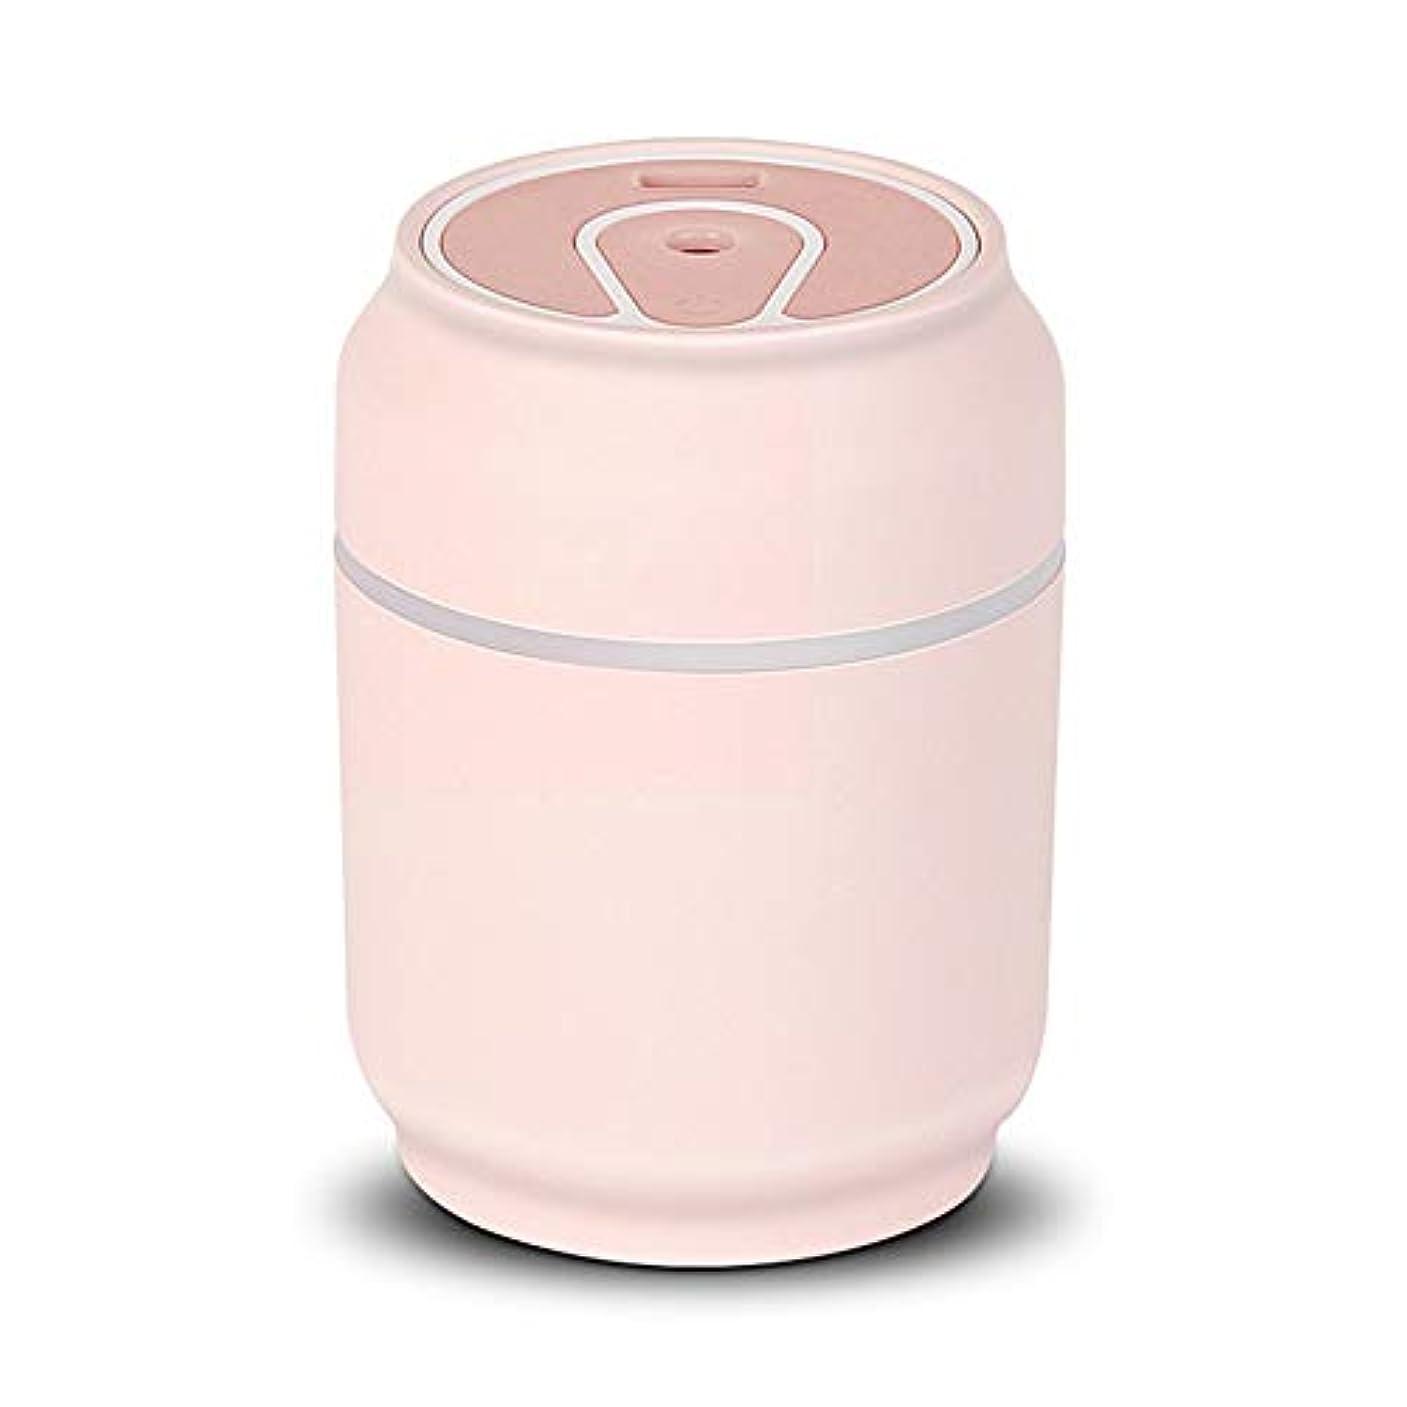 哲学的暫定スクワイアZXF 新しいクリエイティブ缶シェイプUSB充電加湿器ミュート漫画ミニASB素材ナイトライトファン3つ1つの水分補給器具蒸し顔黒緑ピンク黄色 滑らかである (色 : Pink)